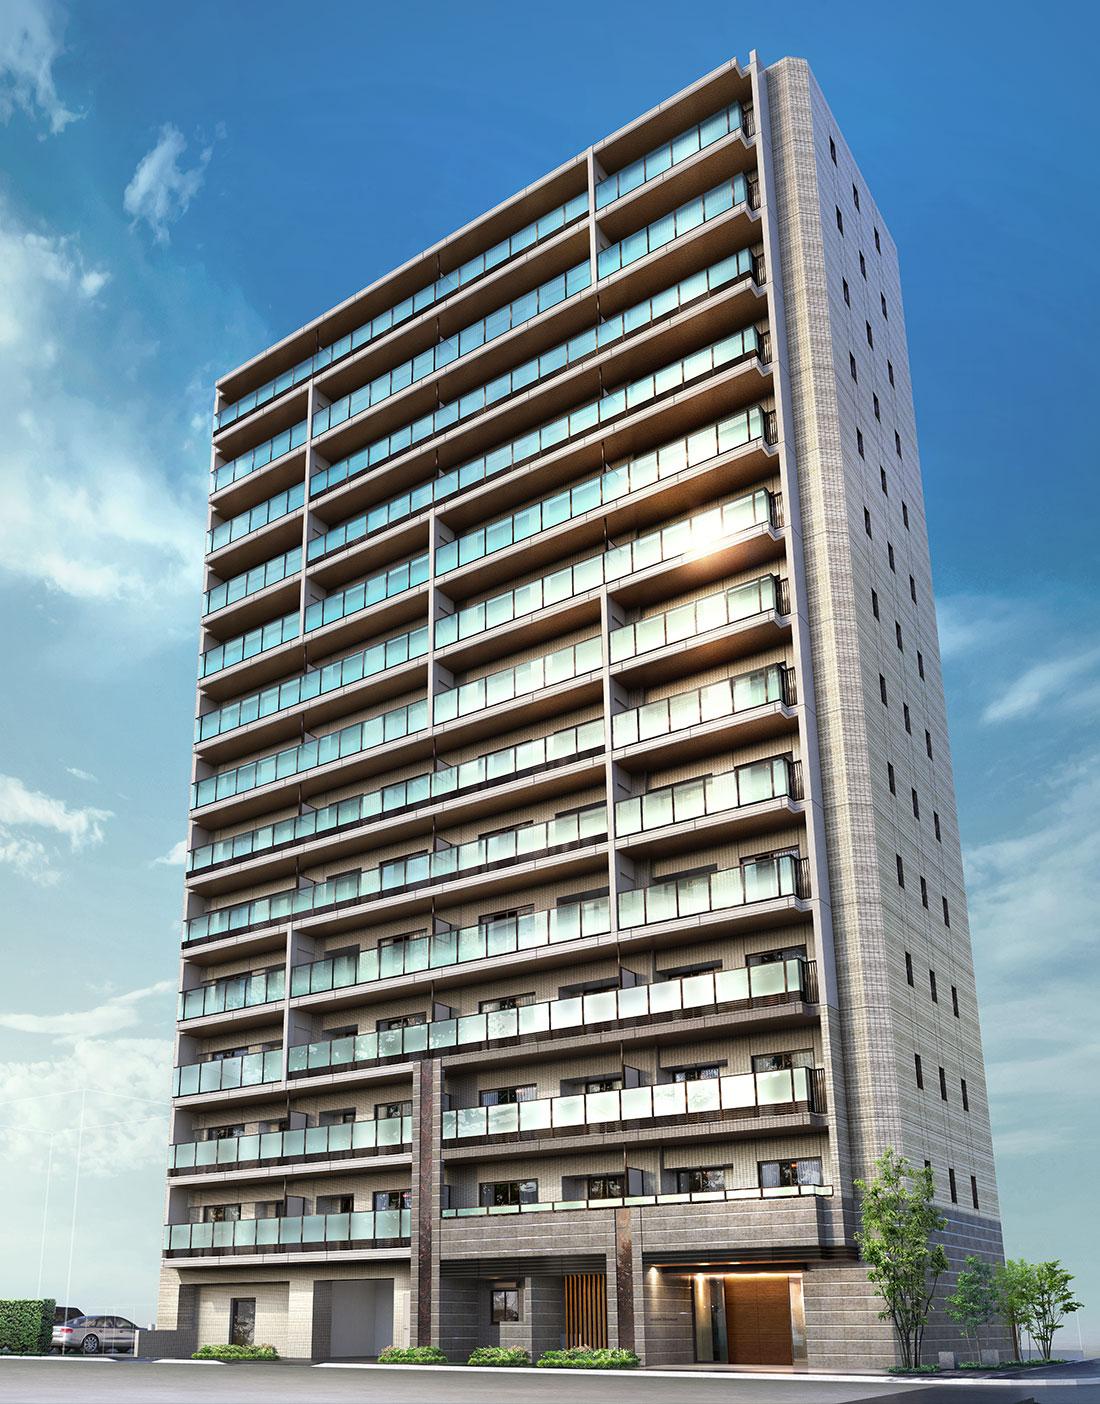 10月の首都圏の分譲マンションの発売戸数は前年同月比で67.3%増の3,358戸と大幅増ー不動産経済研究所